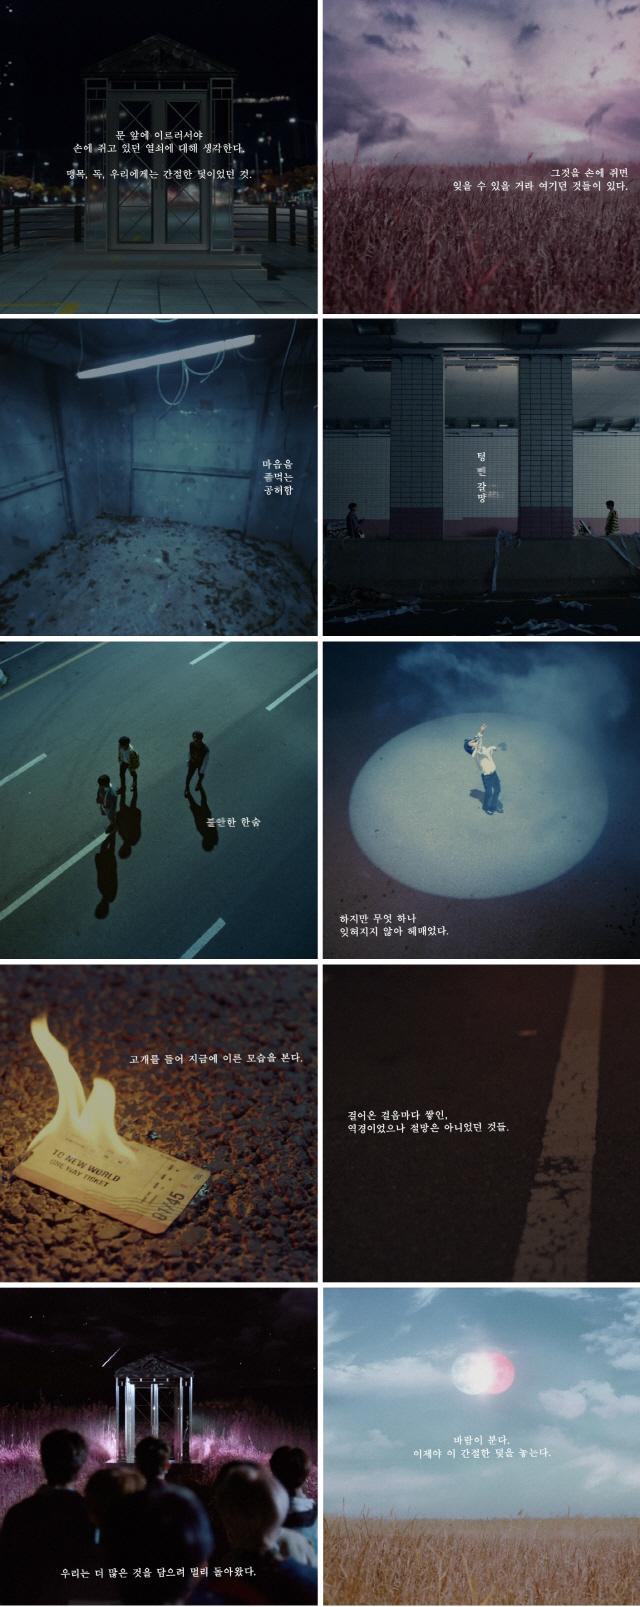 스트레이 키즈, 오늘(9일) 컴백..새 앨범 = 'Cle' 시리즈 완결판